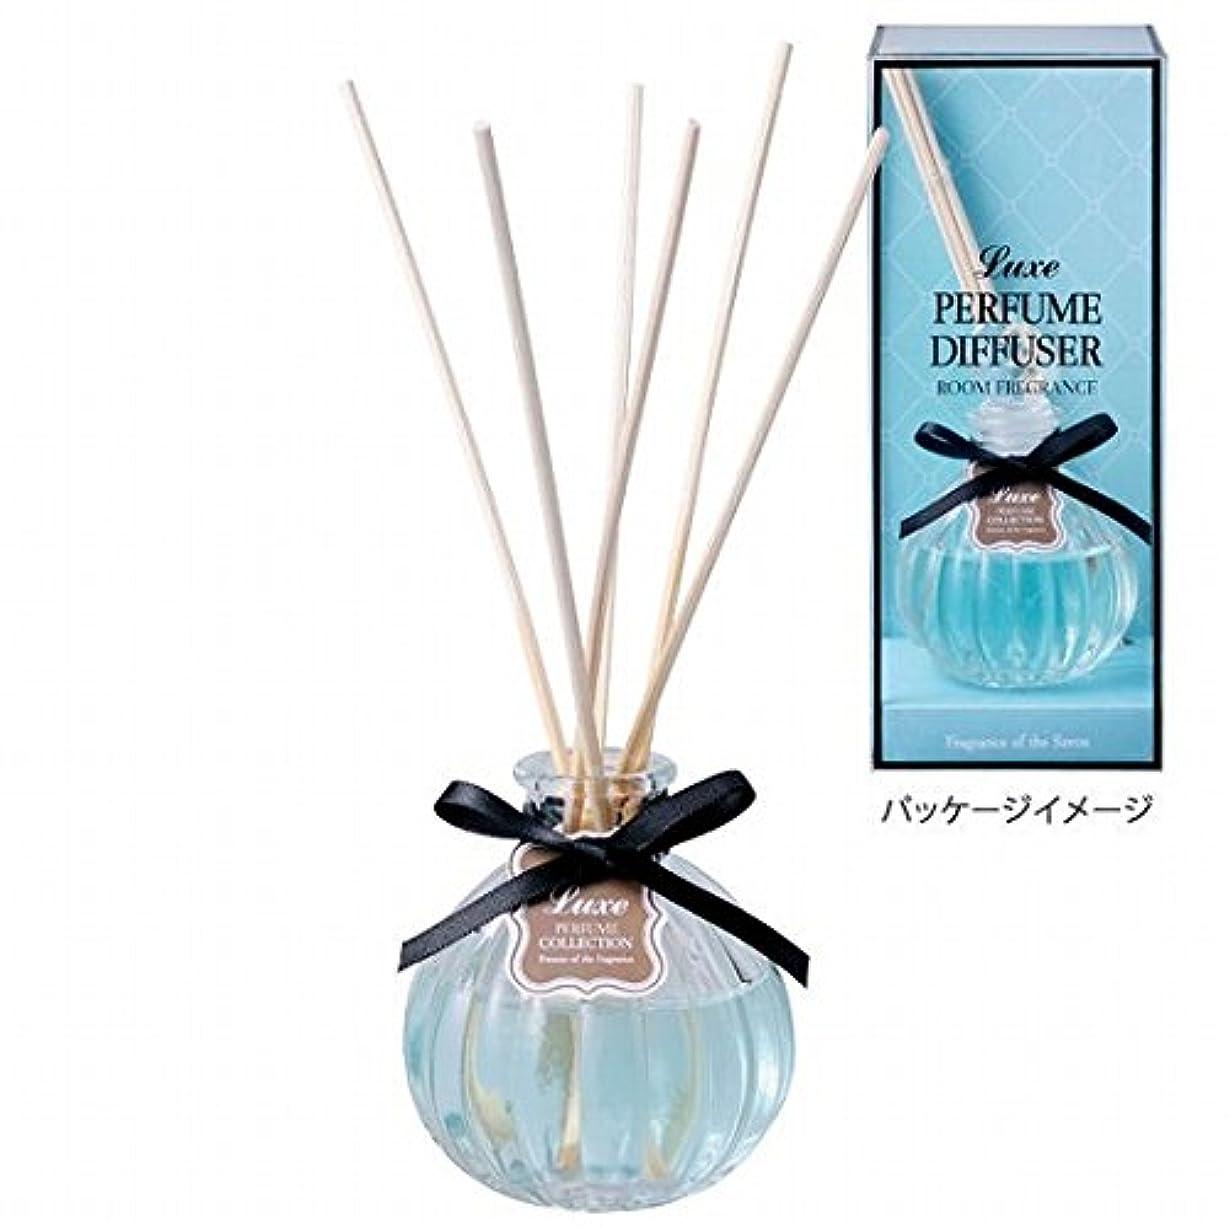 余分な立法時間カメヤマキャンドル( kameyama candle ) パフュームディフューザー 「 サボン 」